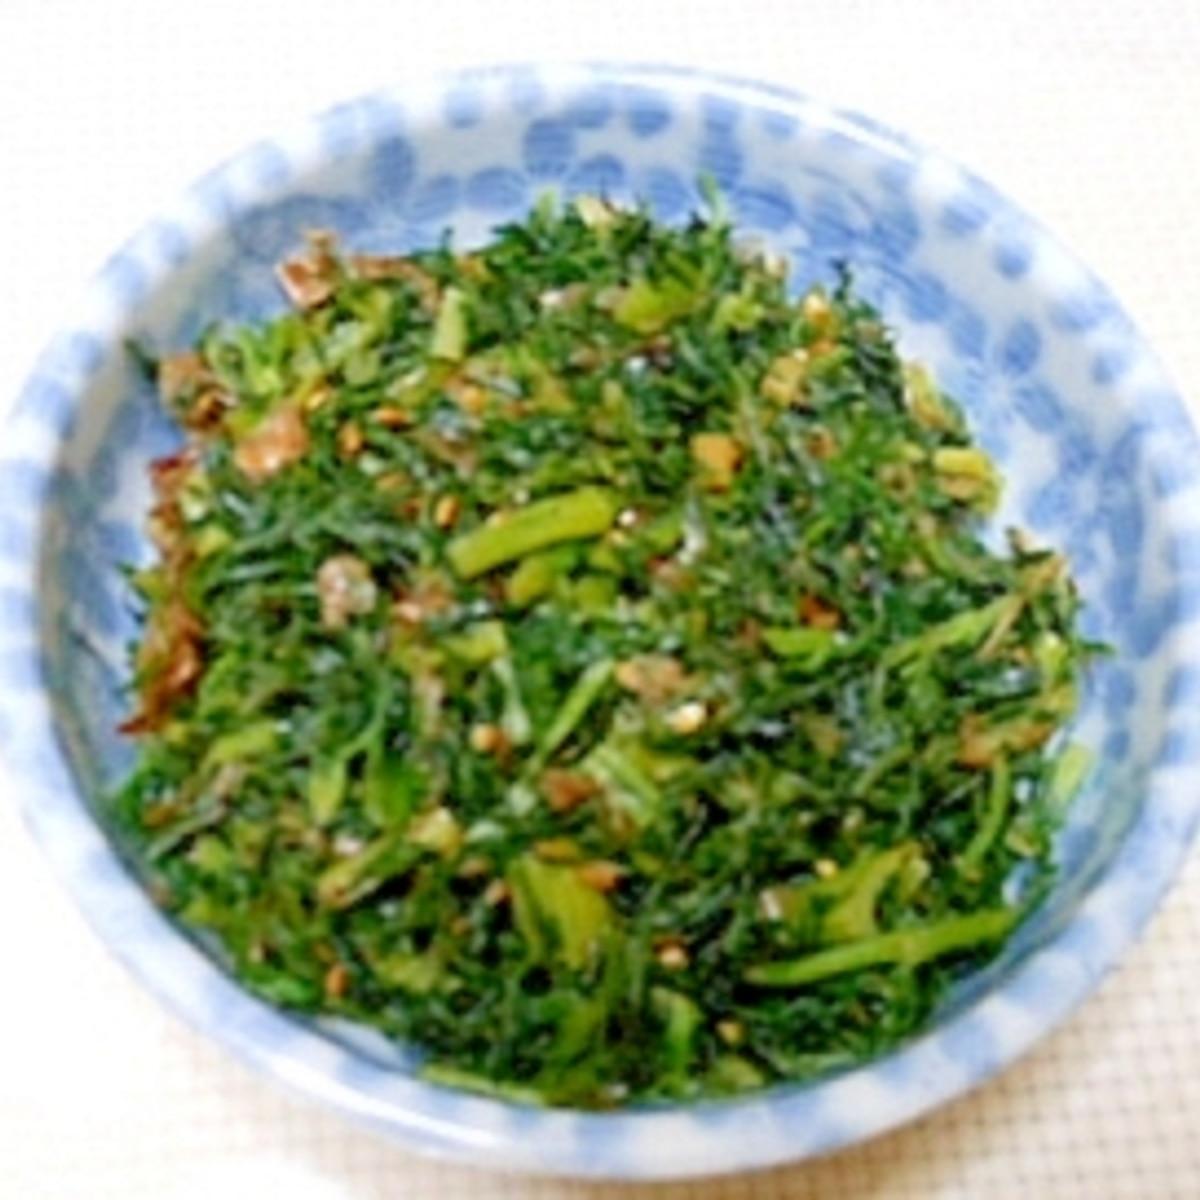 人参 の 葉 の 料理